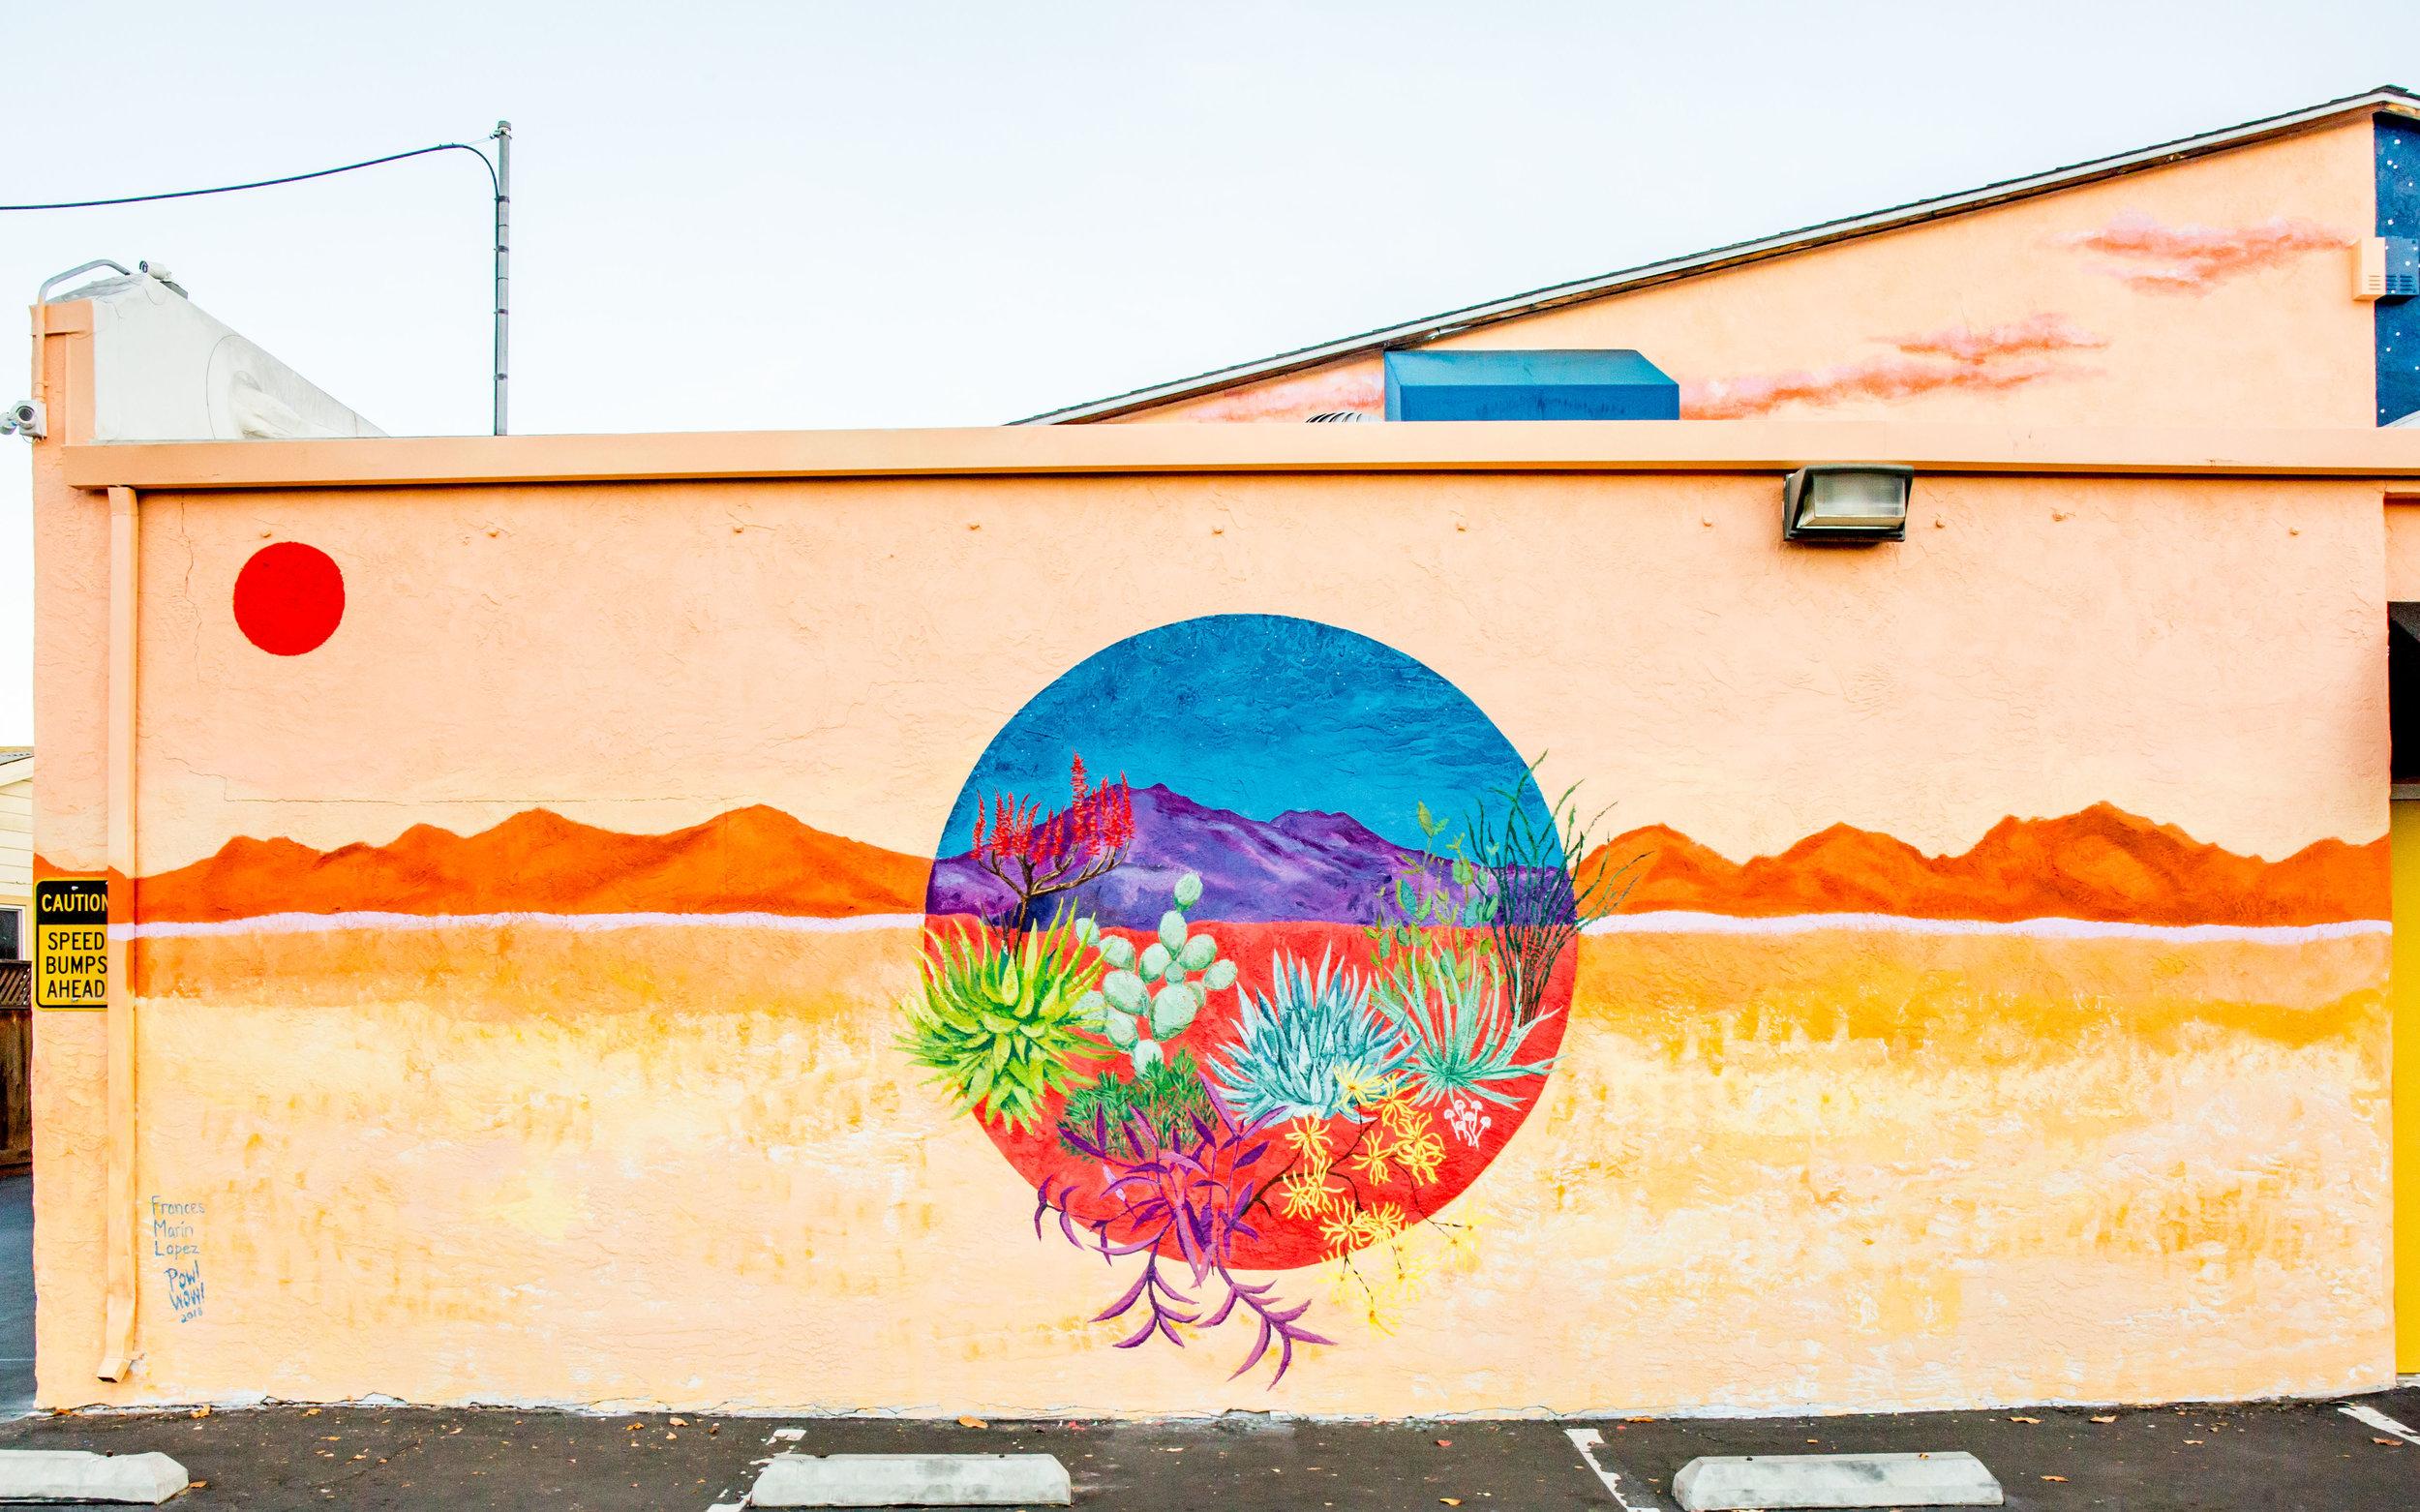 Balance - Pow! Wow! San Jose Mural